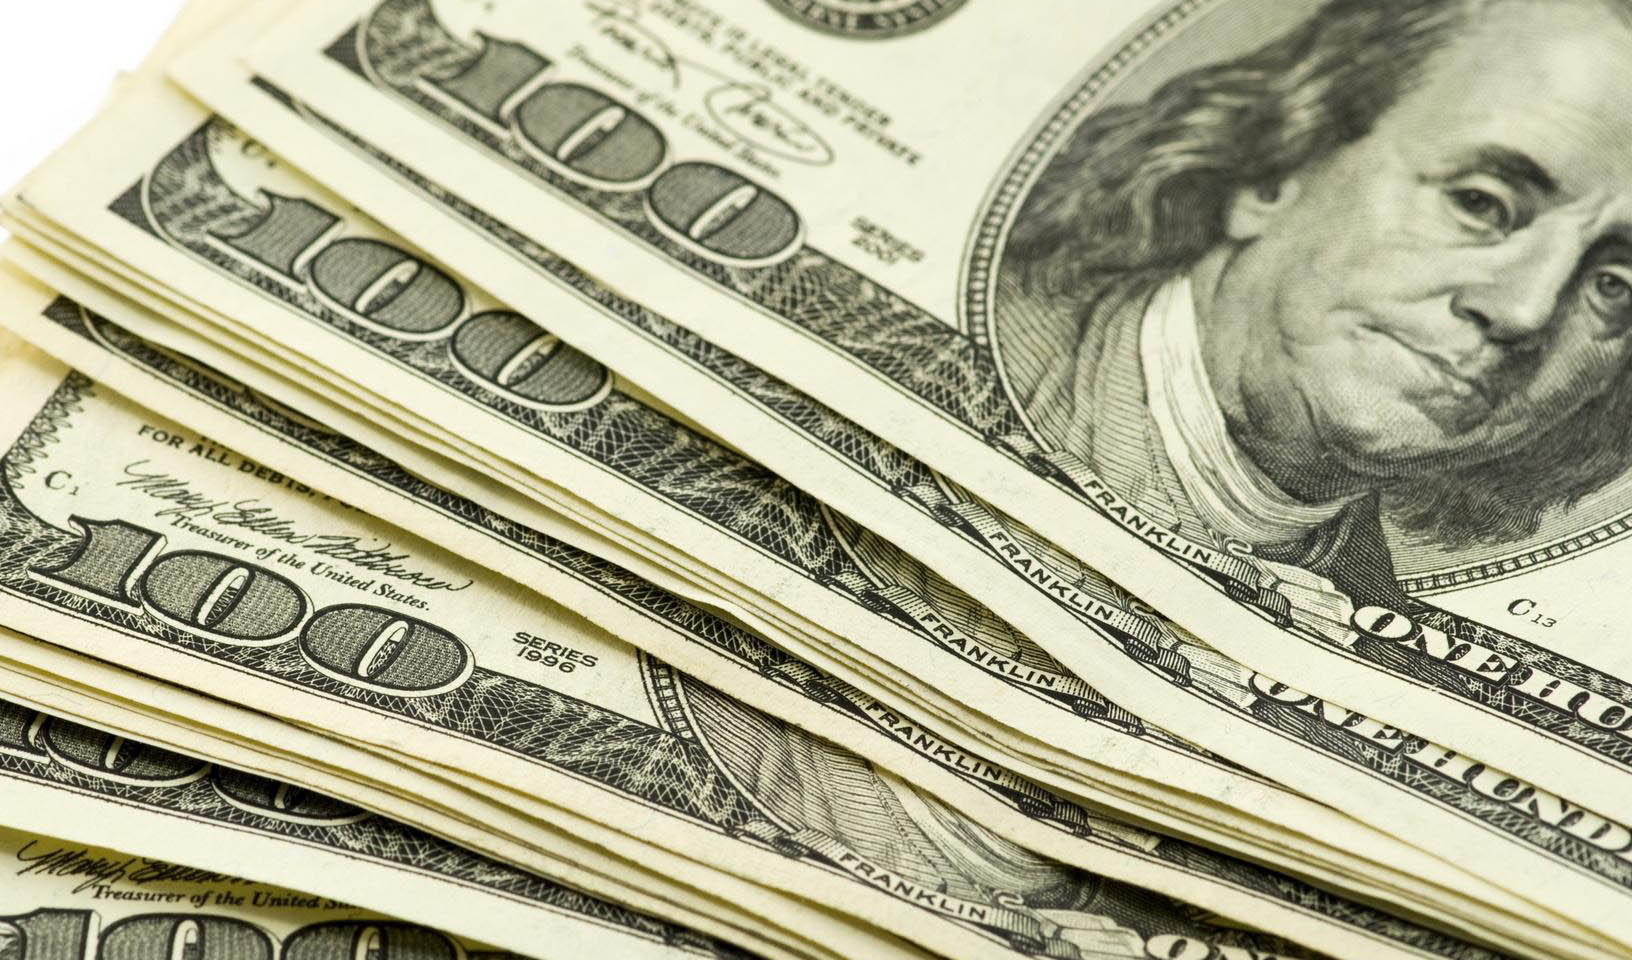 دست پنهان در بازار ارز